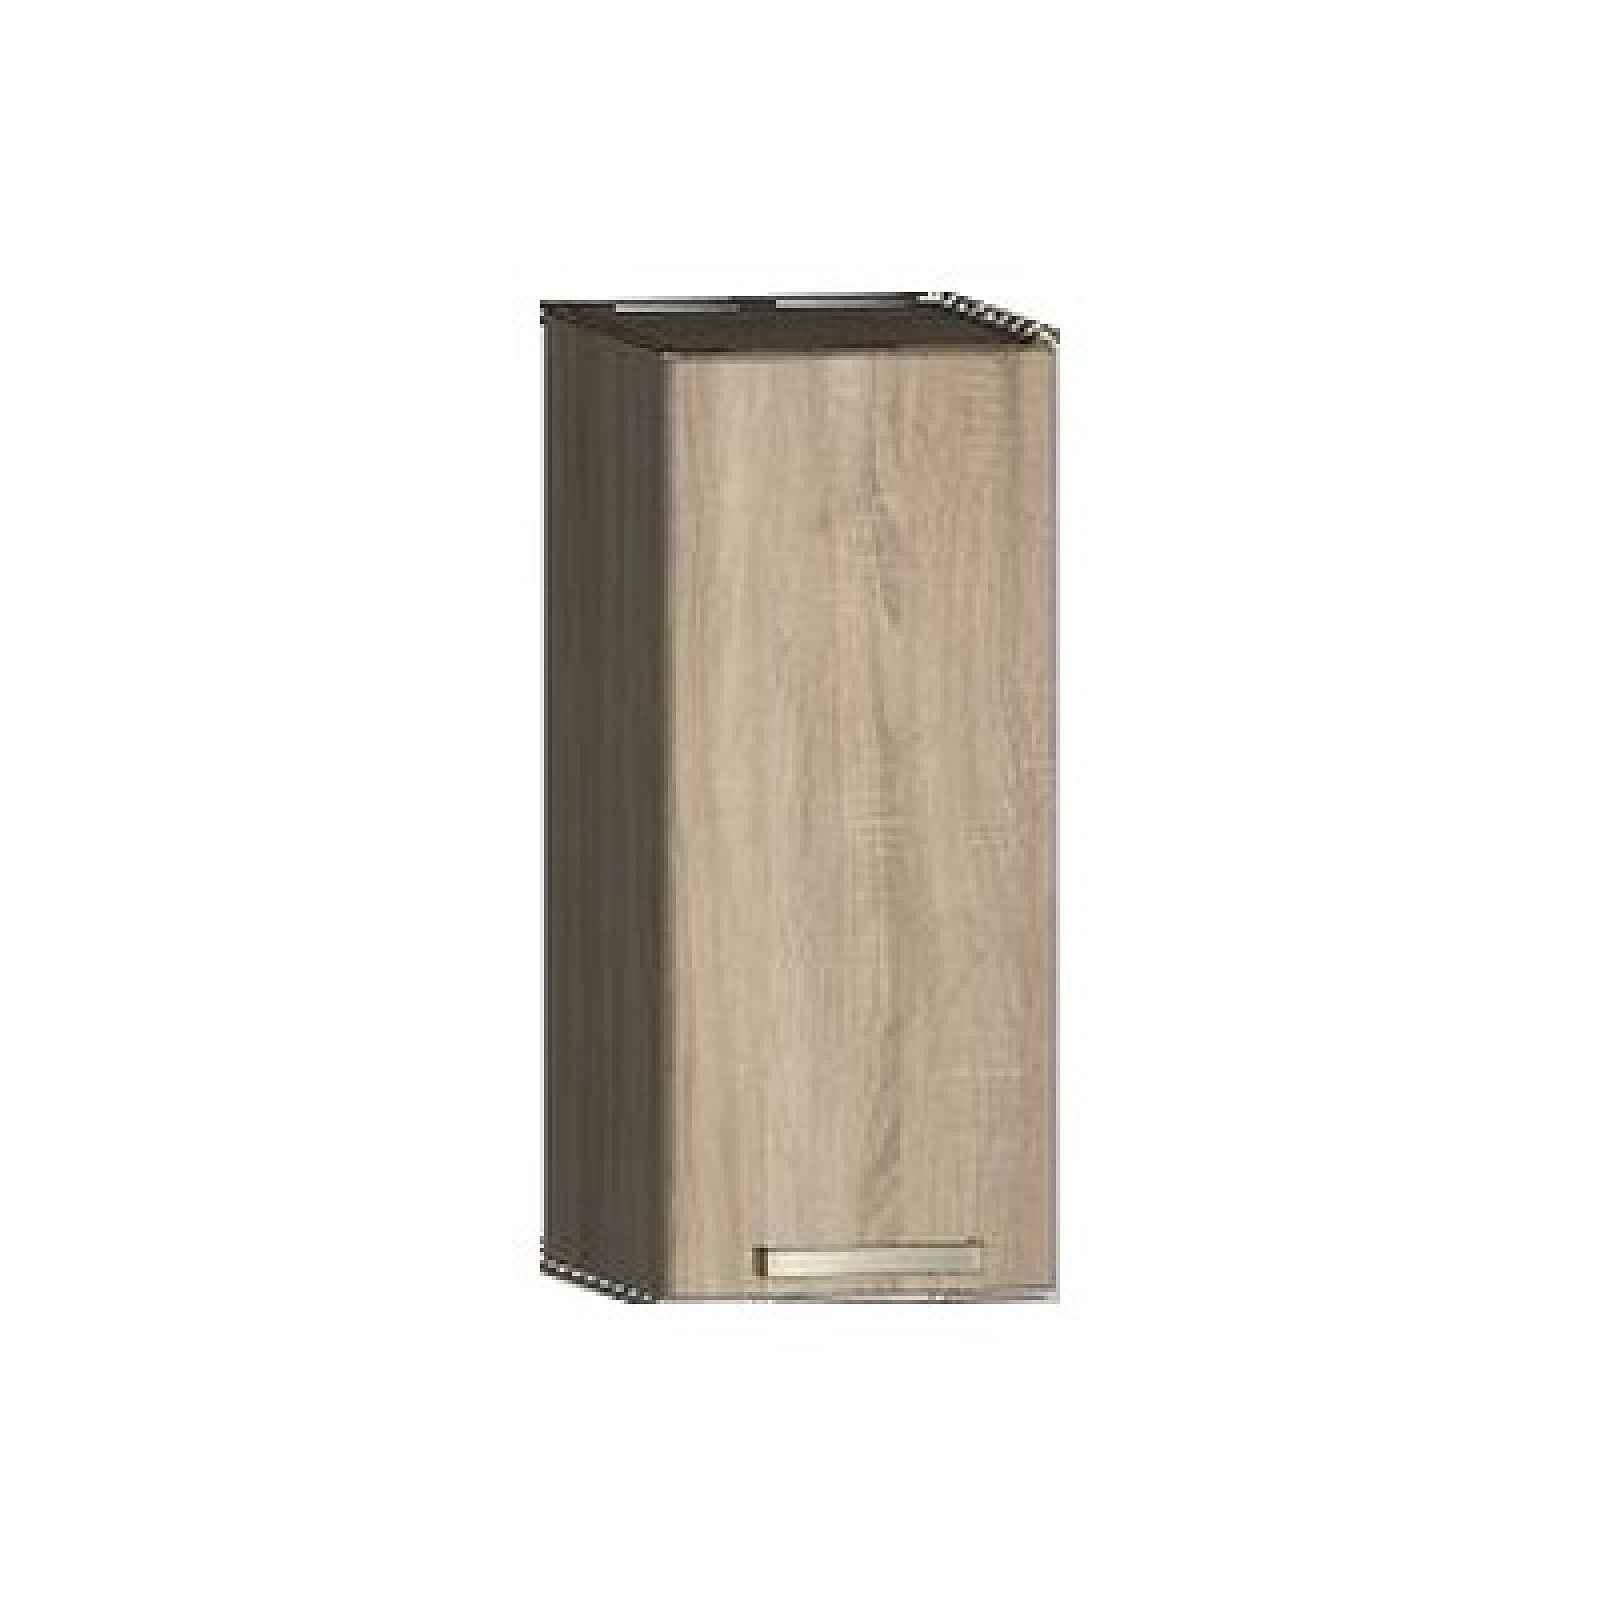 Horní kuchyňská skříňka One EH30, levá, dub sonoma, šířka 30 cm